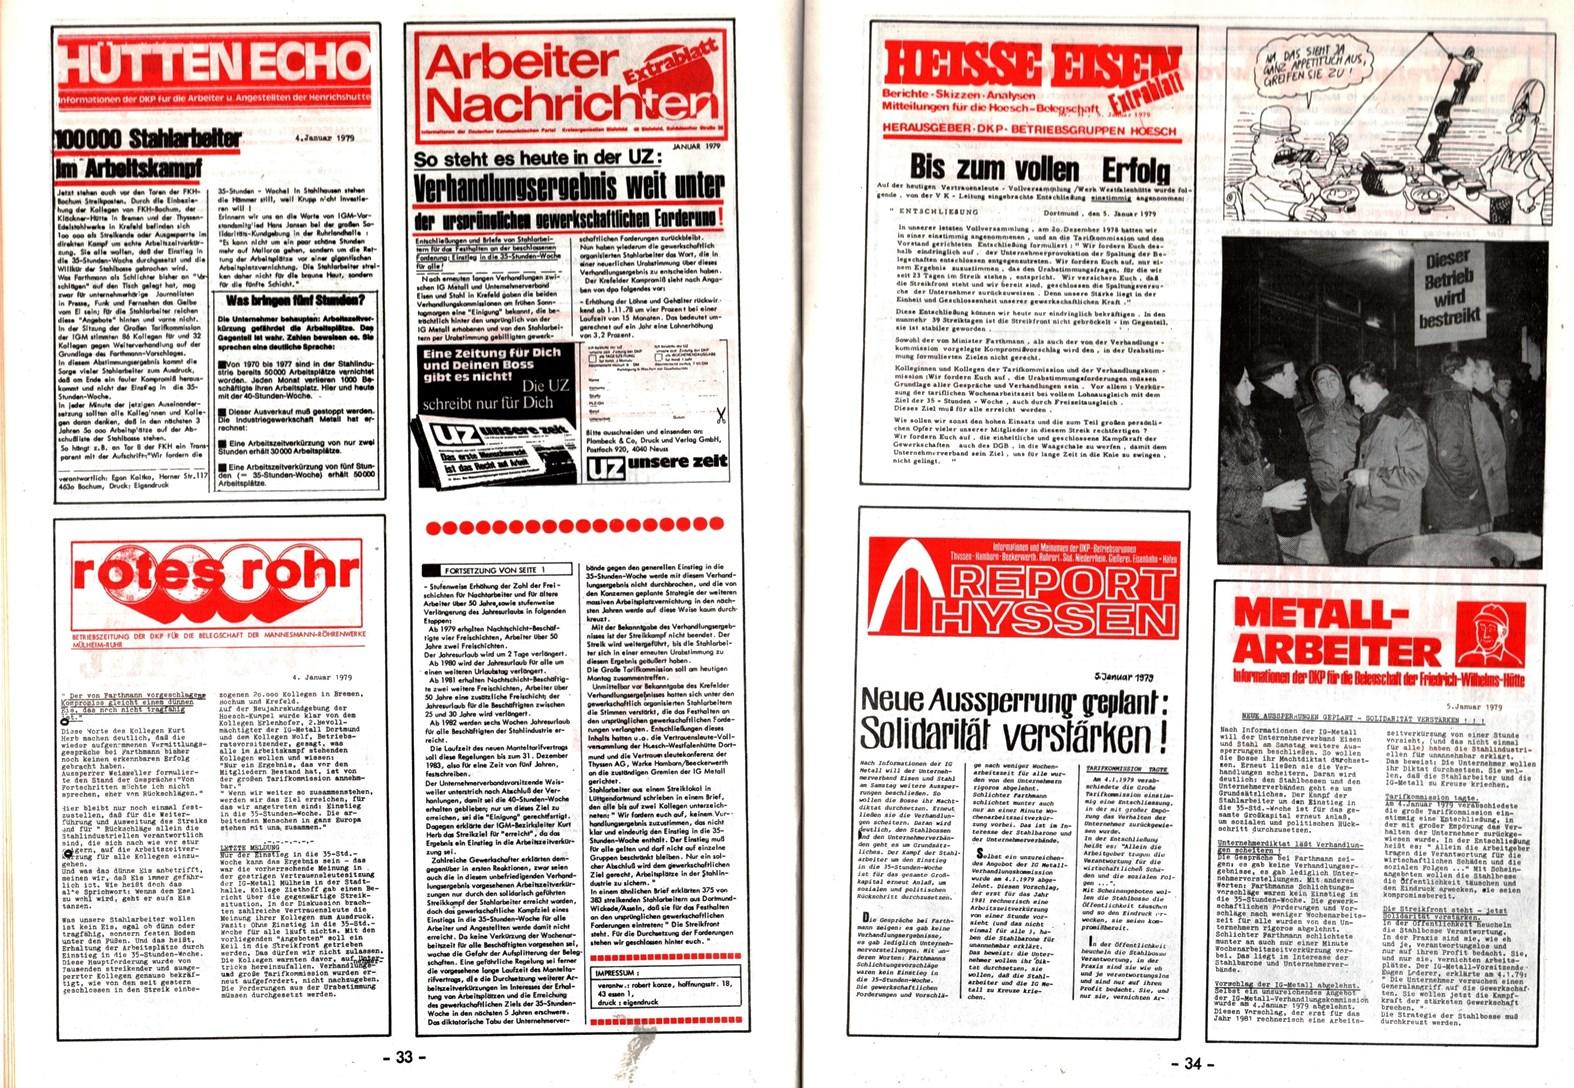 NRW_DKP_Stahlarbeiterstreik_1978_1979_018